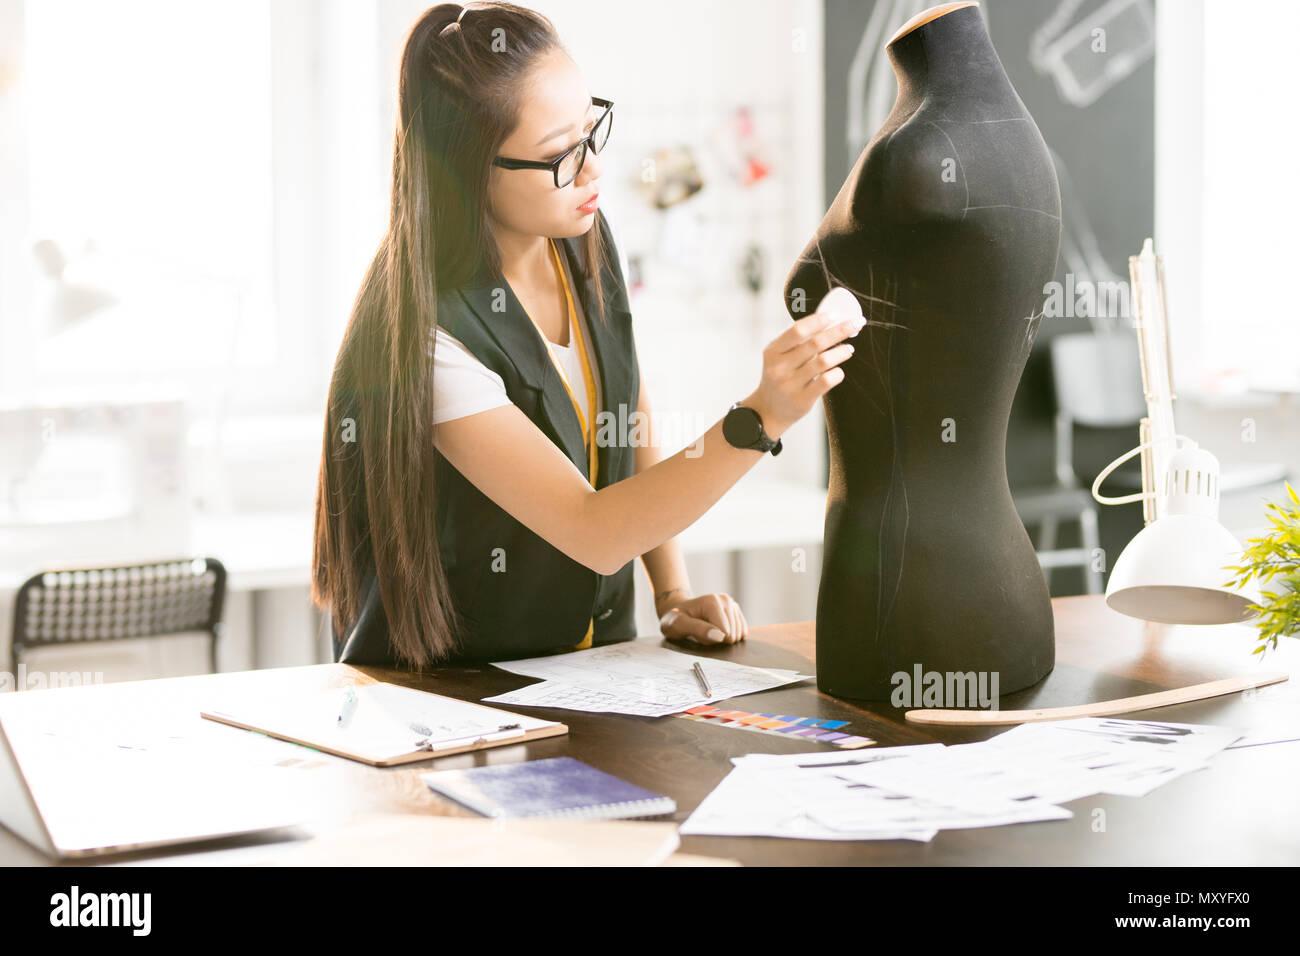 Taille bis Portrait von fokussierten asiatische Frau arbeiten in Fashion design Tracing nähen Dummy bei Schneider Tabelle in sonnendurchflutete moderne Atelier Studio Stockbild